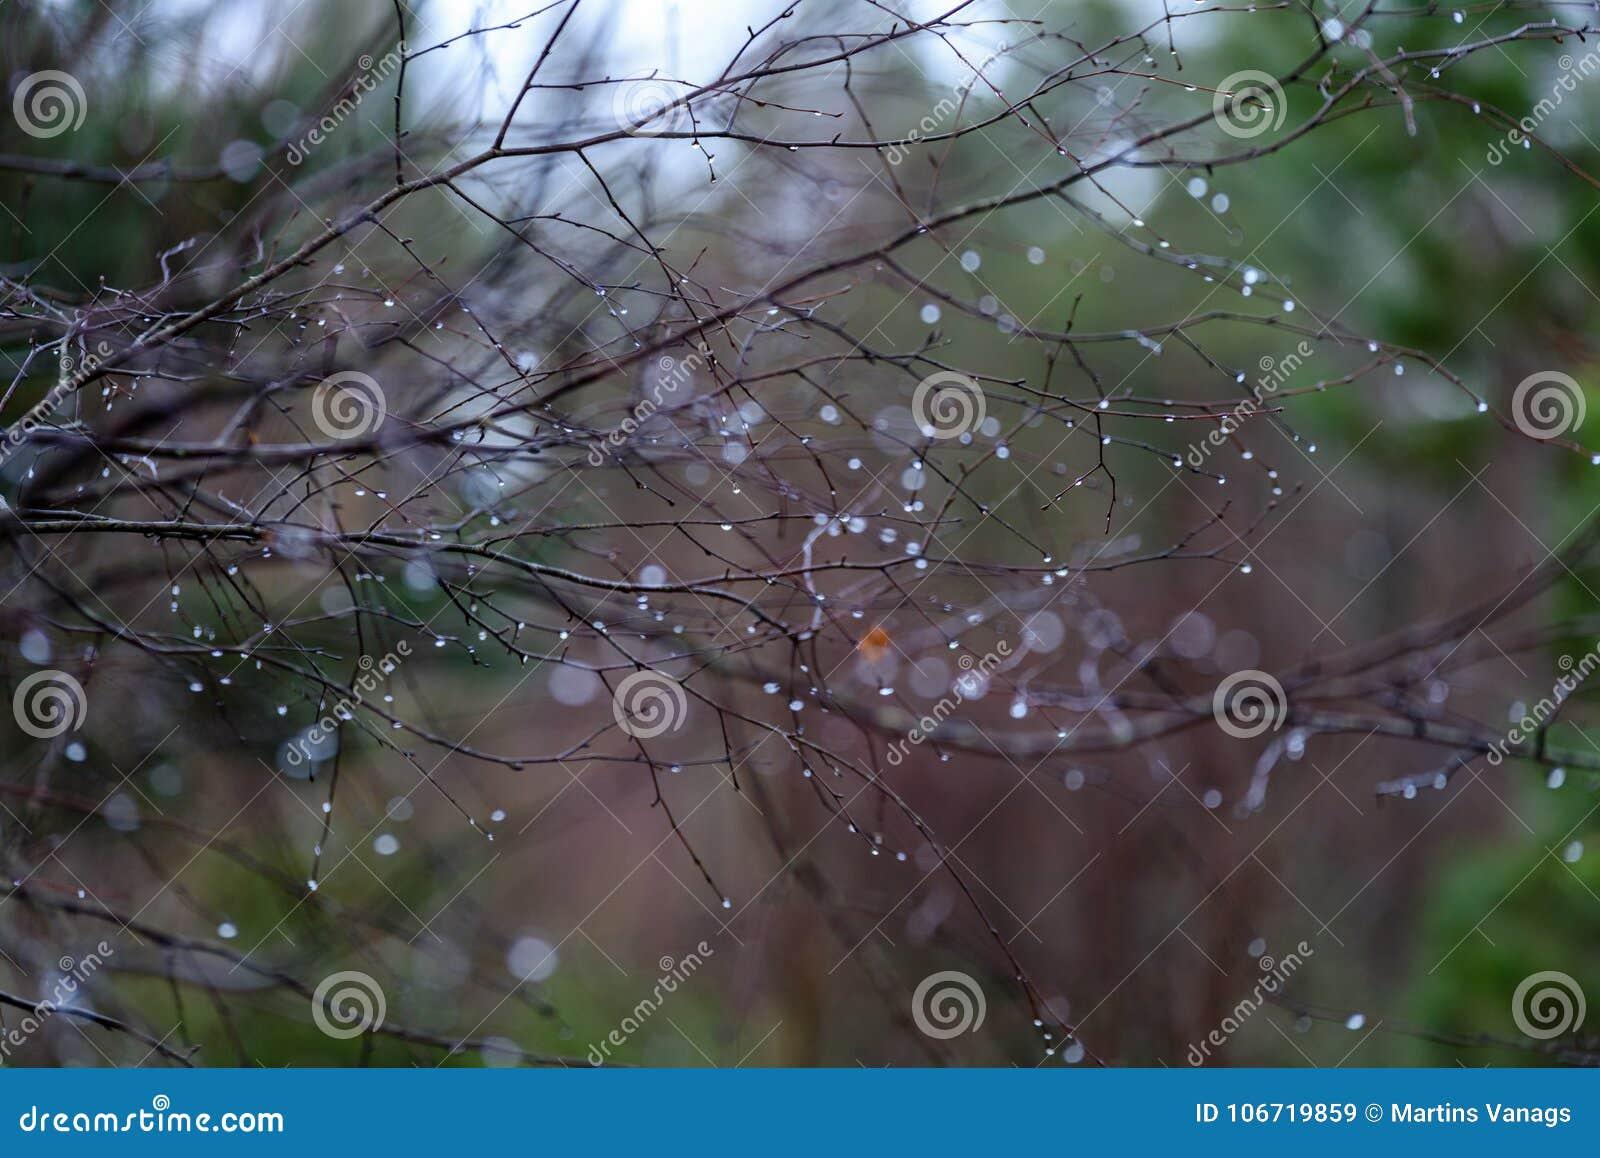 Naked Birch Tree Branches In Autumn Against Dark